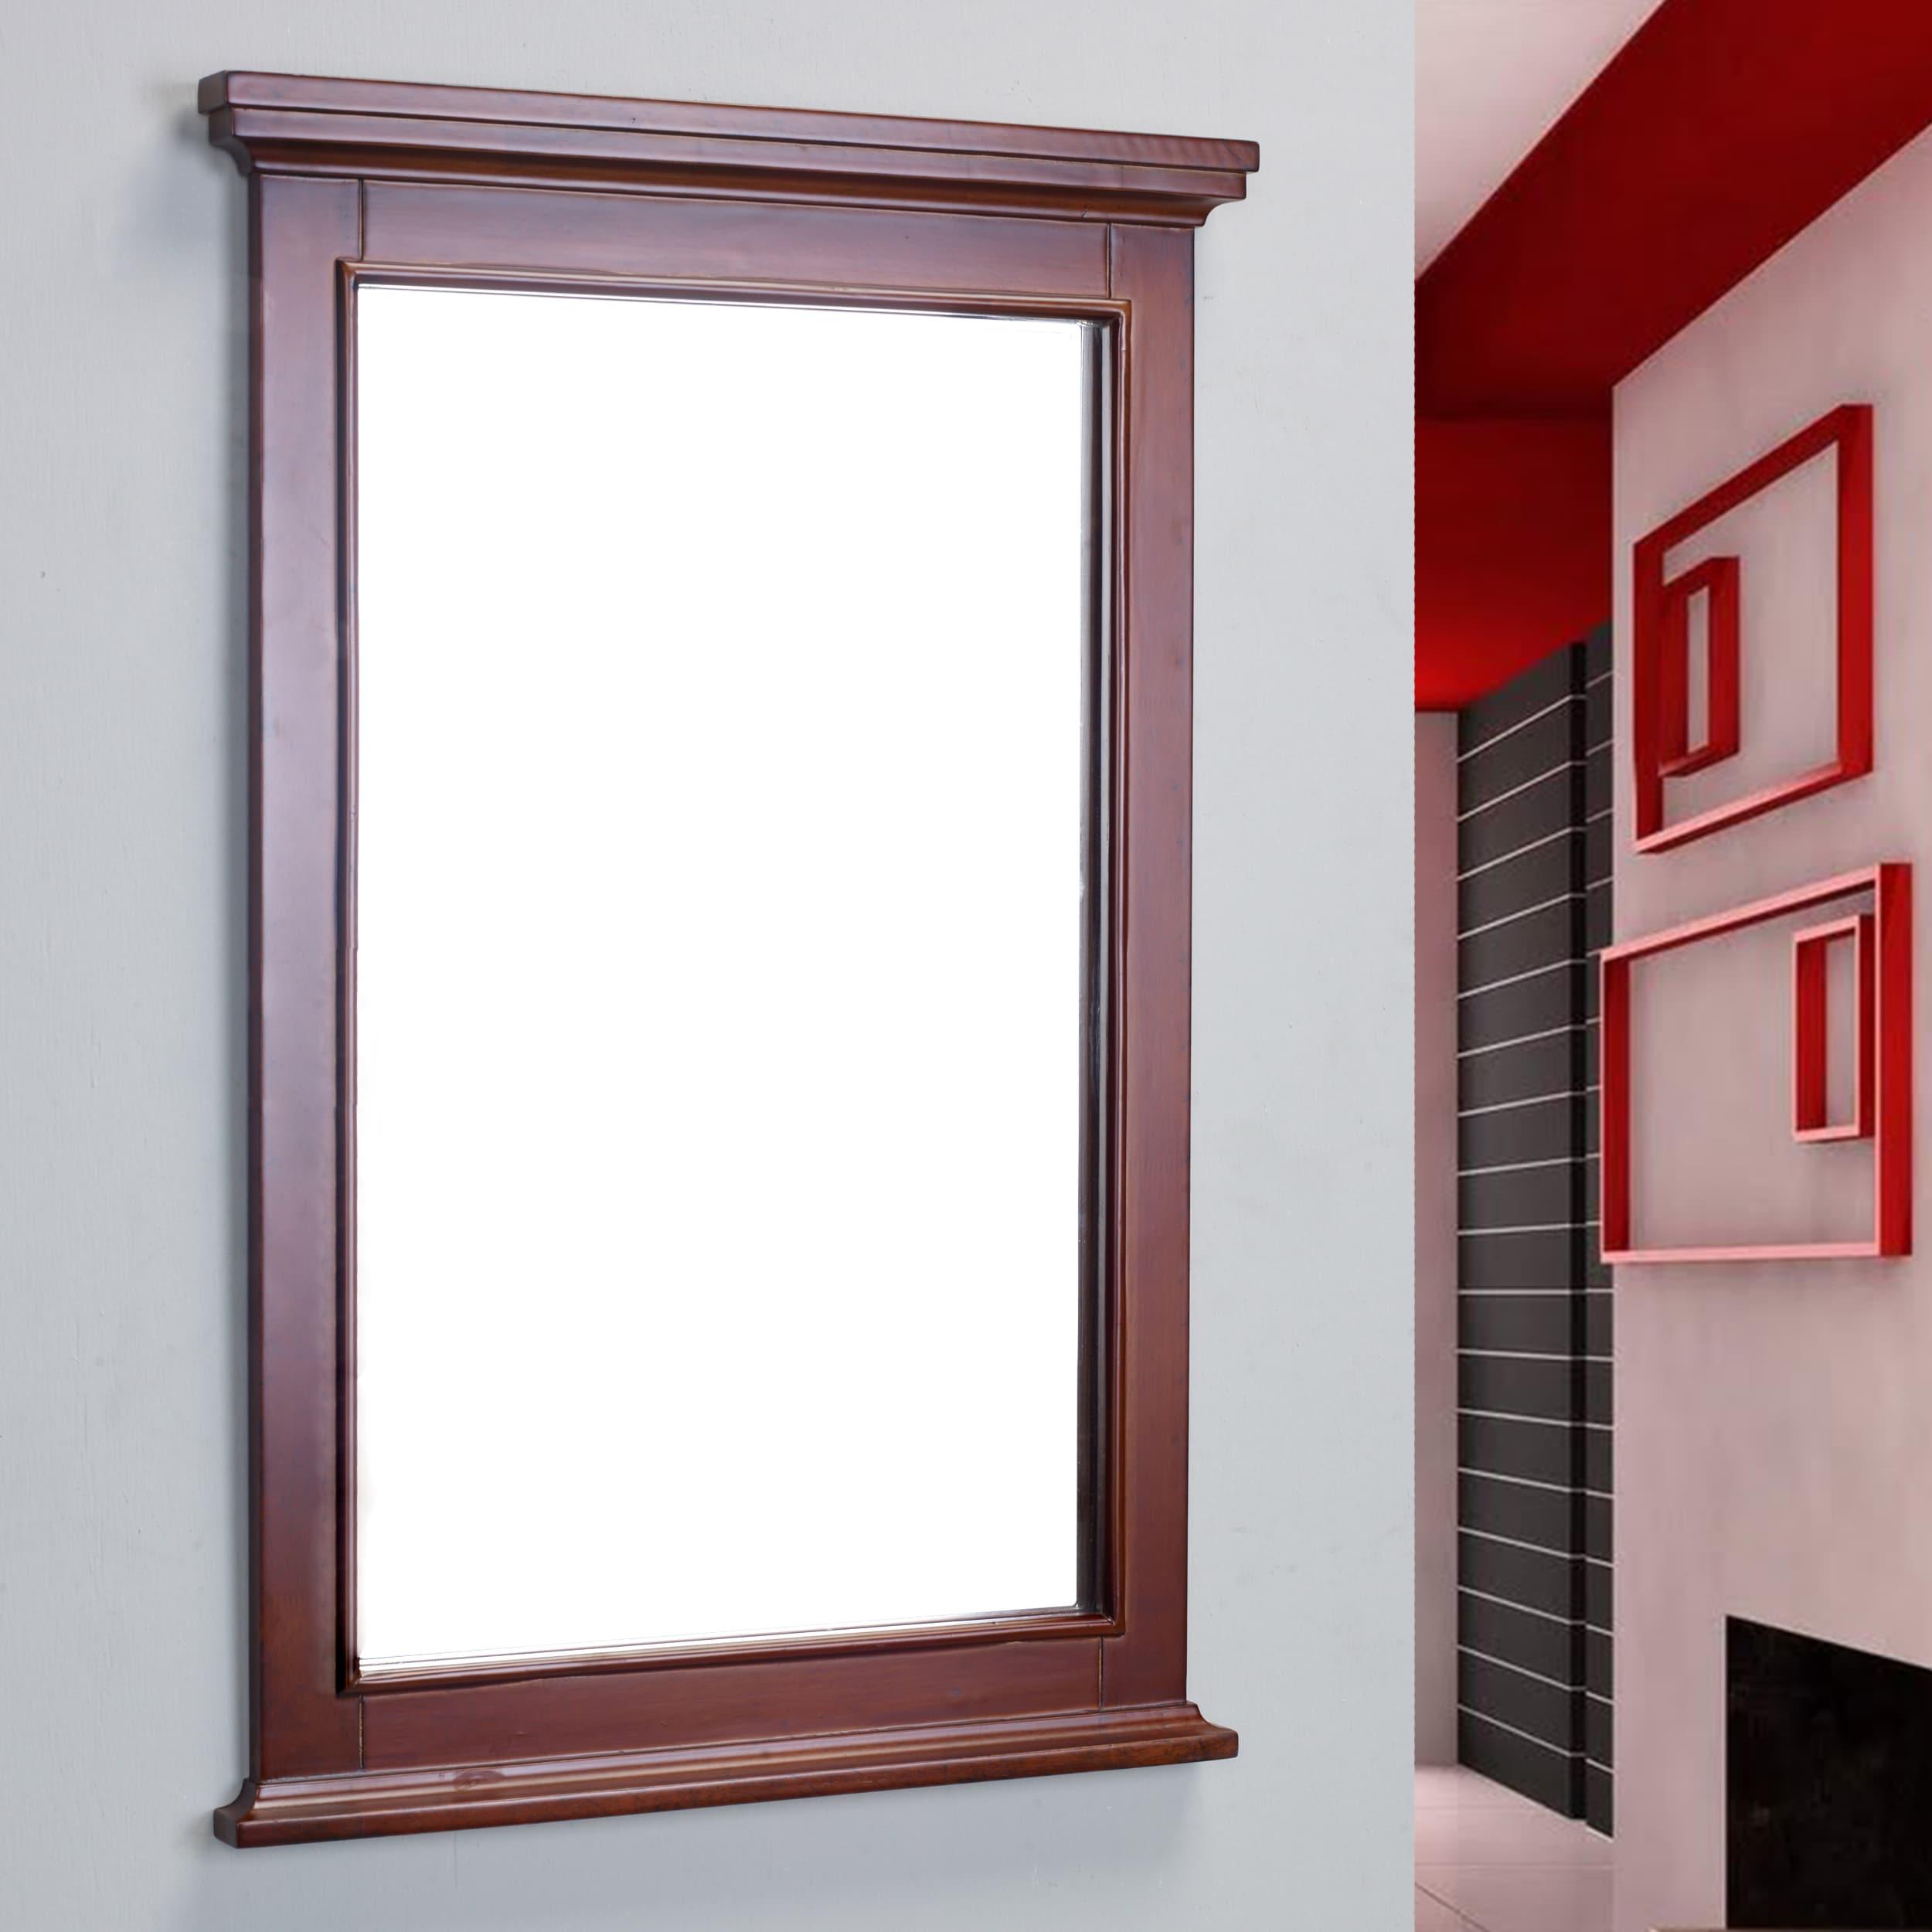 Eviva Elite Stamford Teak Full Framed Bathroom Vanity Mirror Overstock 13935107